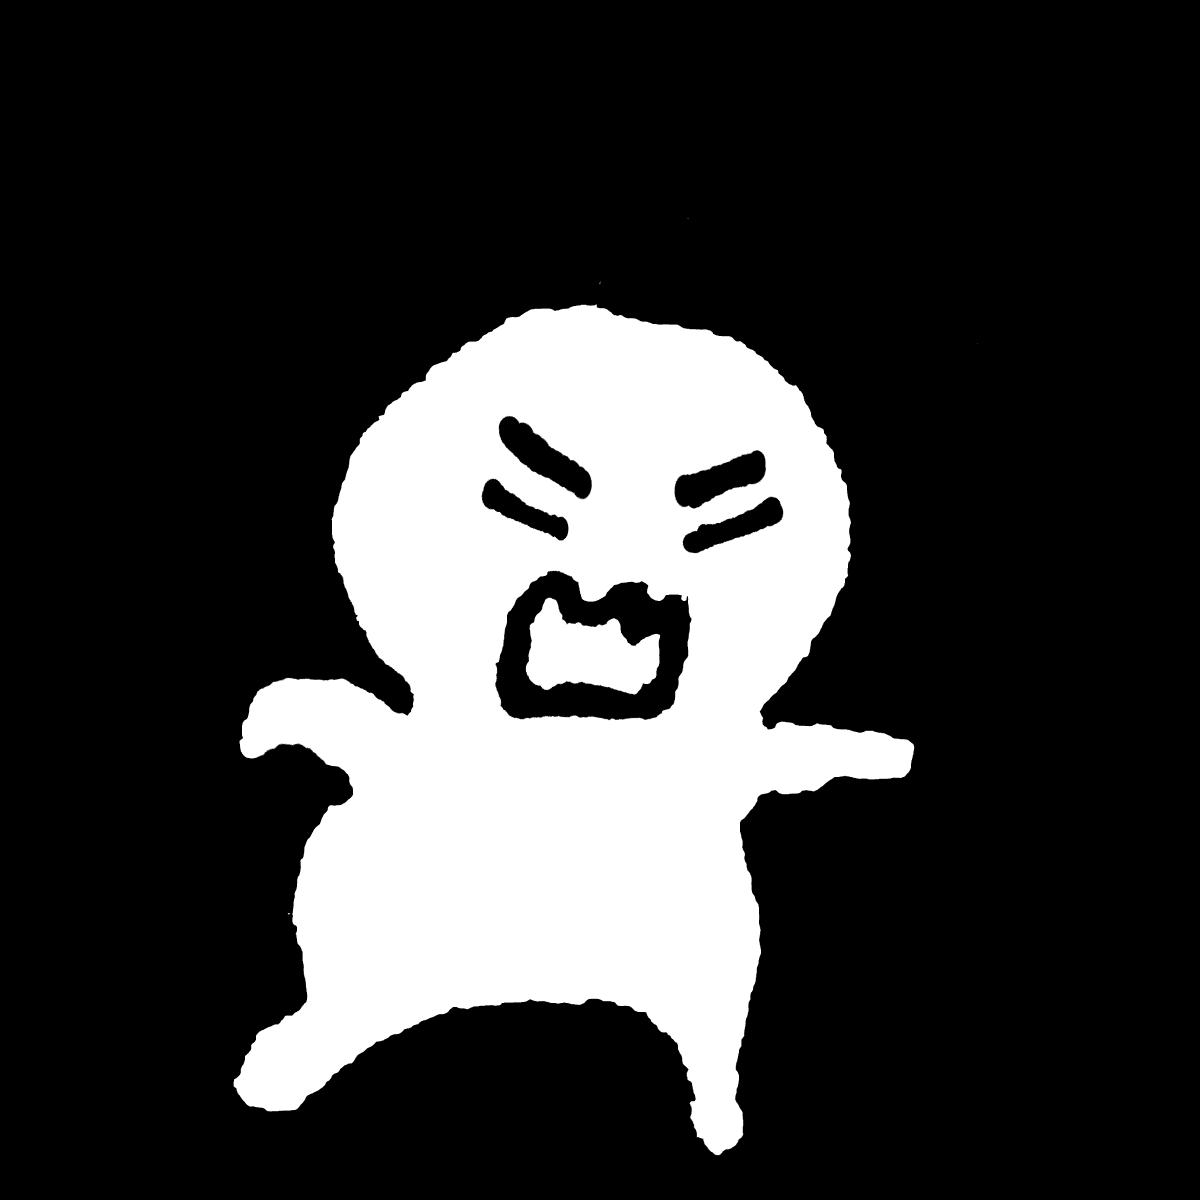 怒る人4のイラスト / Angry 4 Illustration